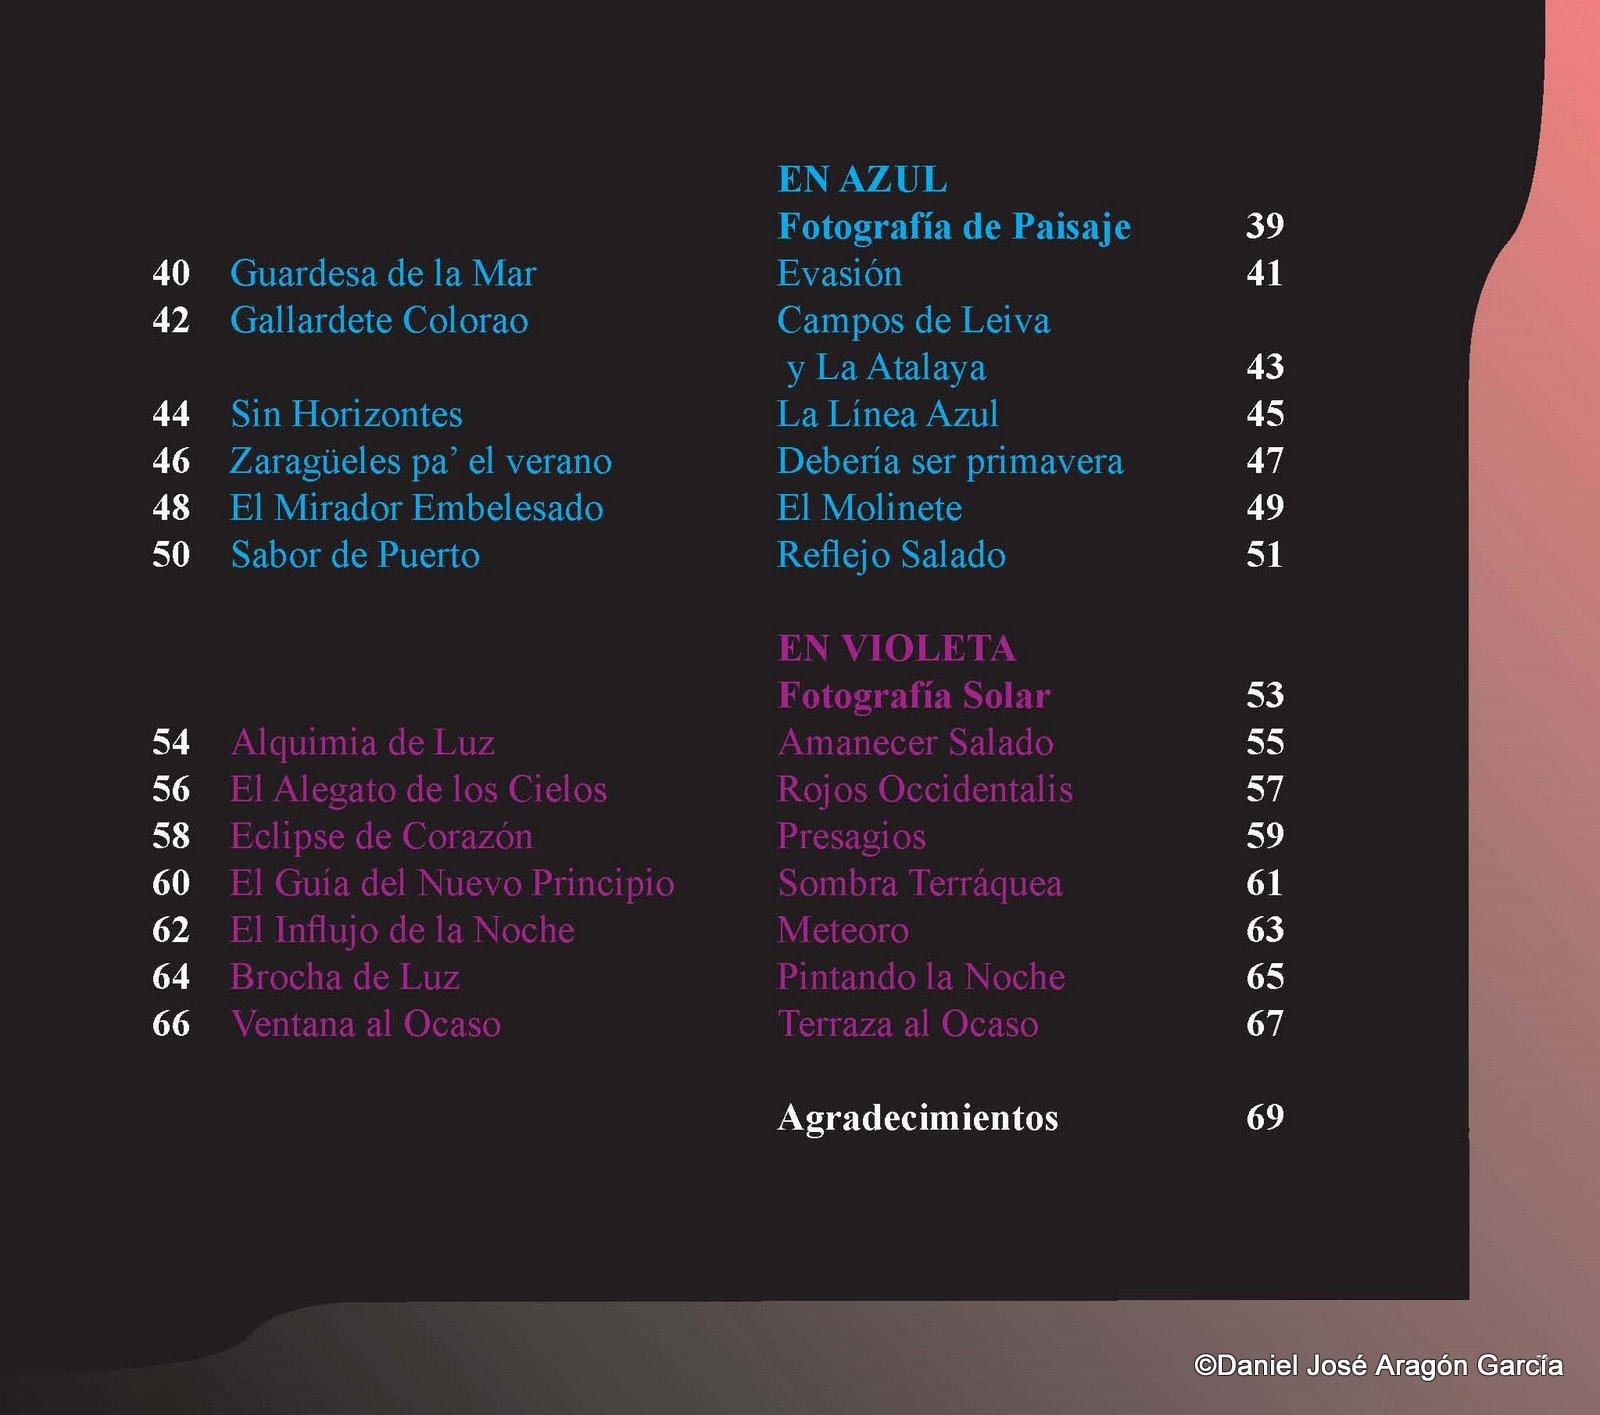 indice2-Alquimia de Luz